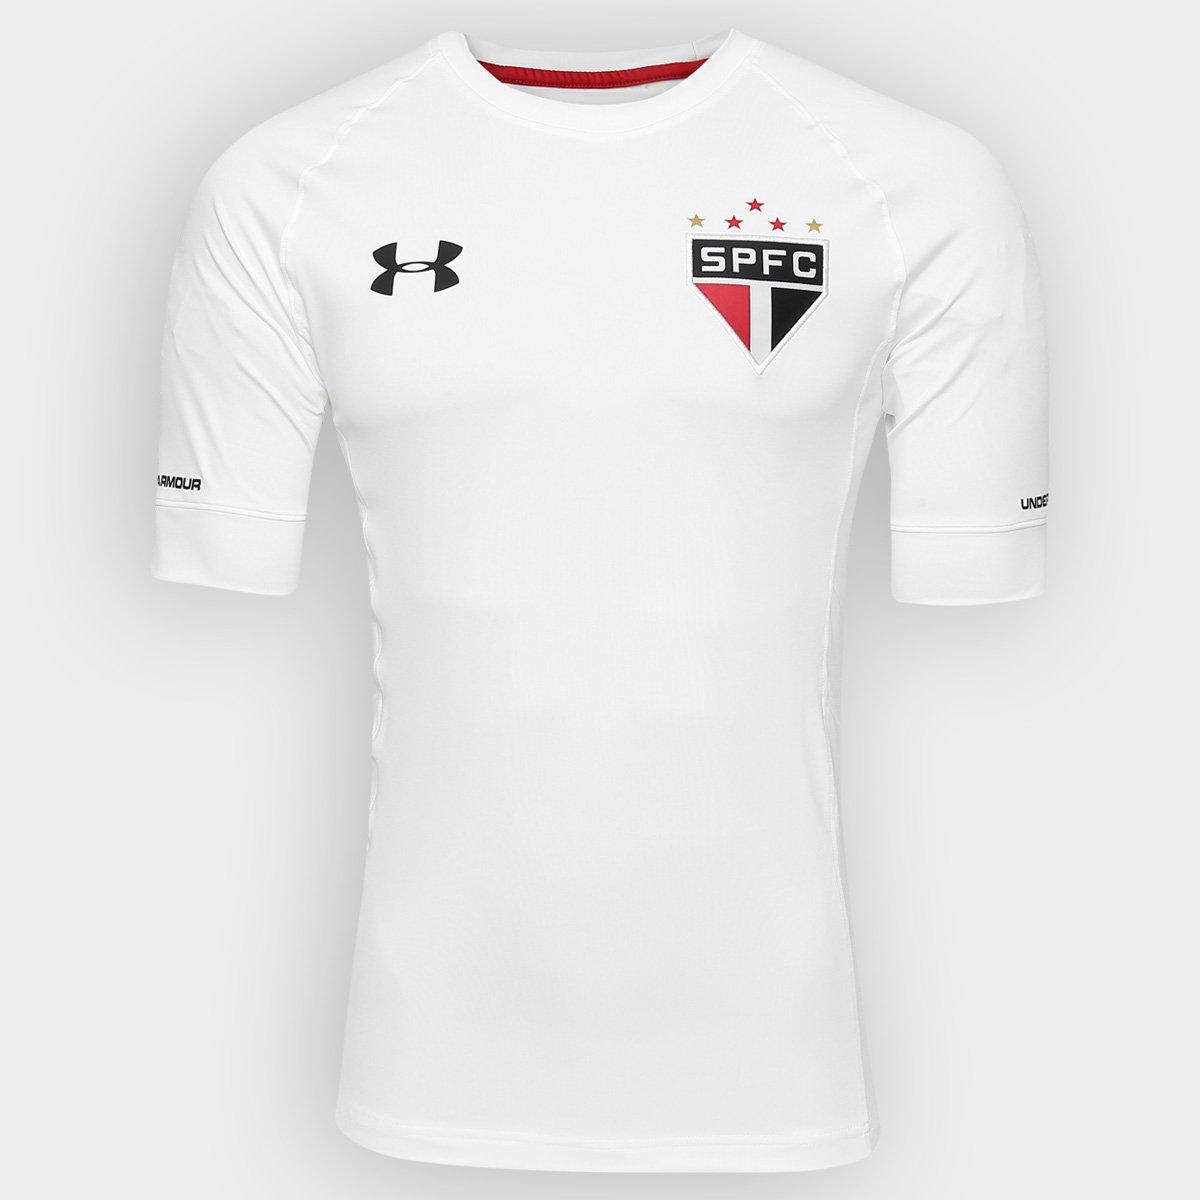 8ff0fa2007f Camisa Under Armour São Paulo Goleiro III 16 17 s nº - Jogador - Compre  Agora